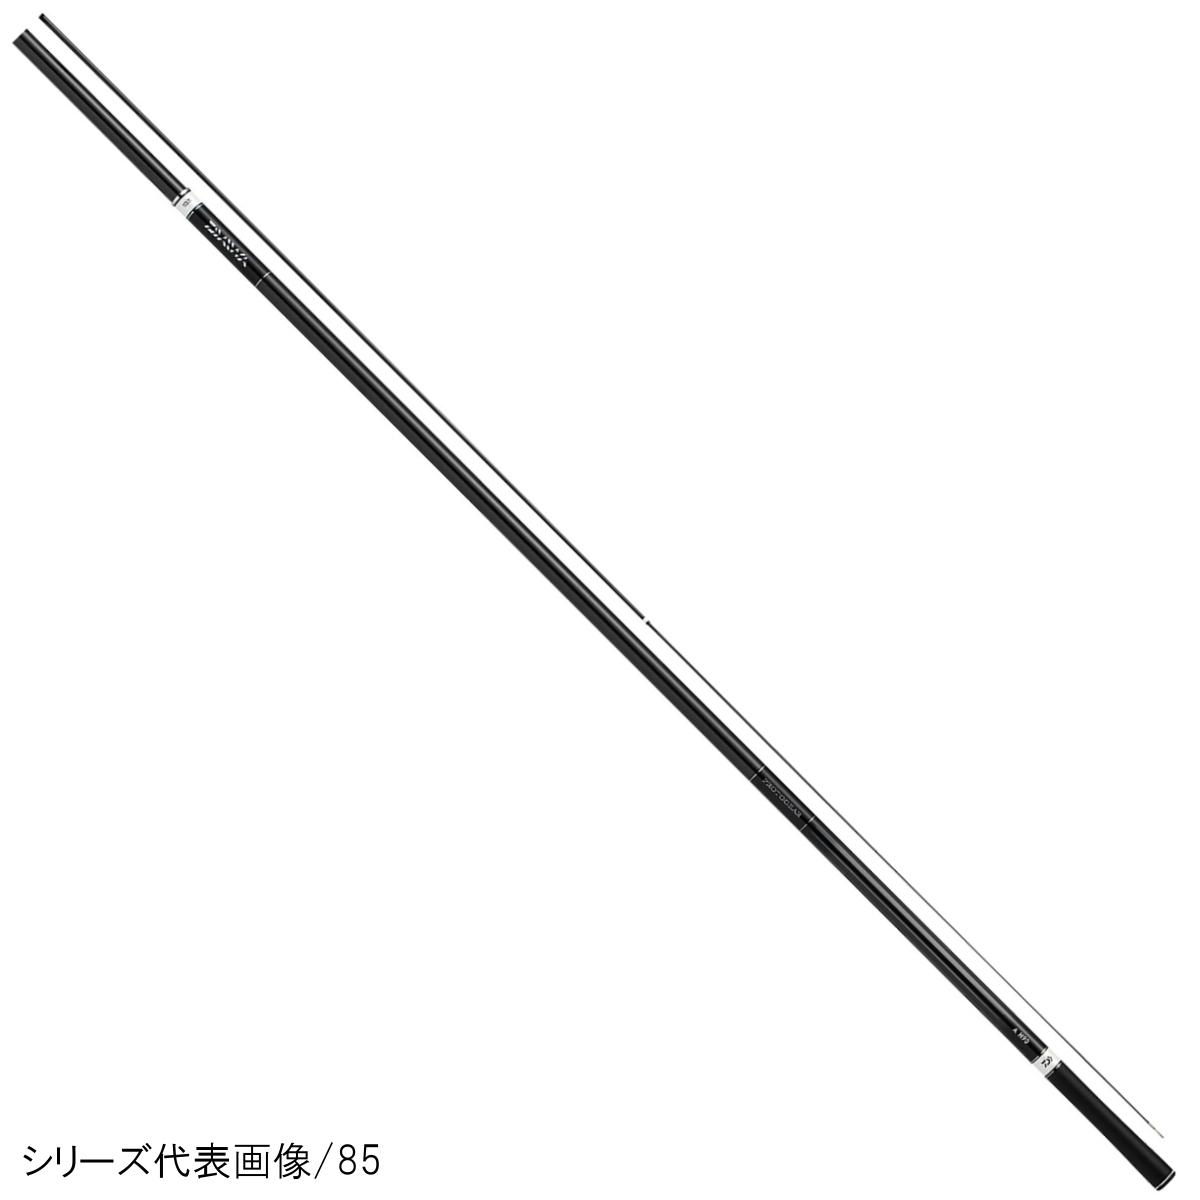 ダイワ プロトギア A H90(東日本店)